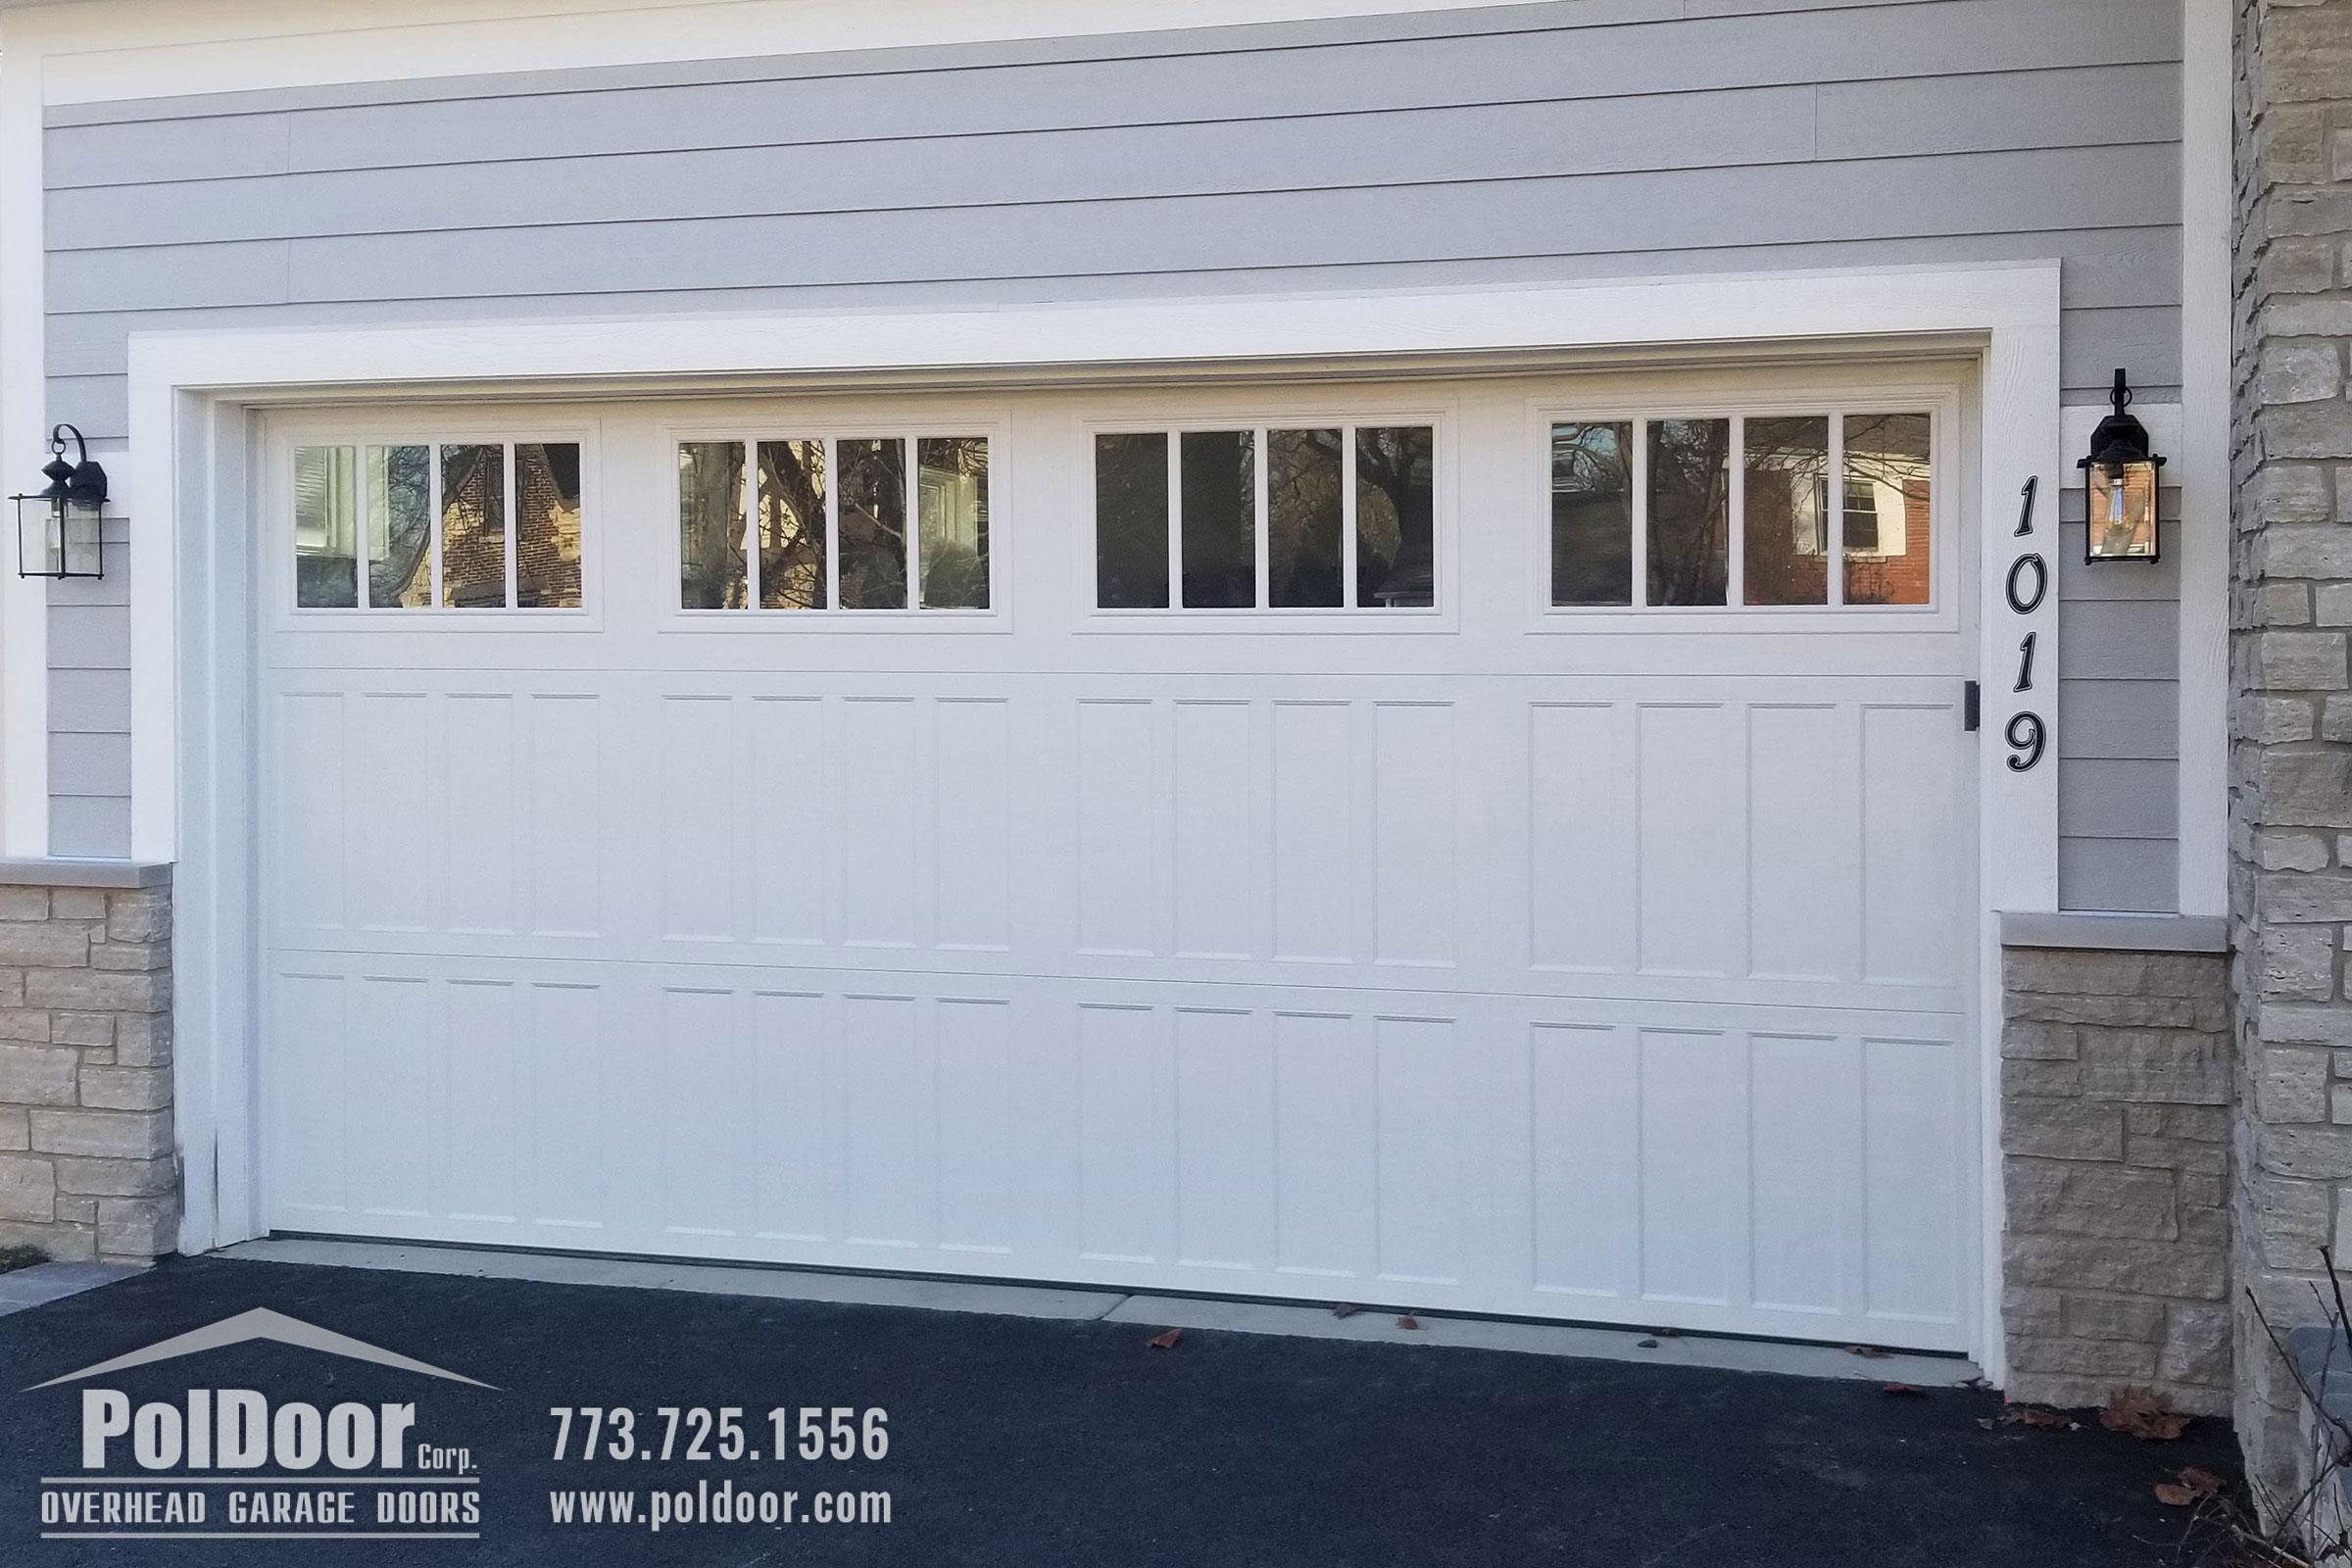 Garage Door Sales Installation Service Garage Door Repair Poldoor